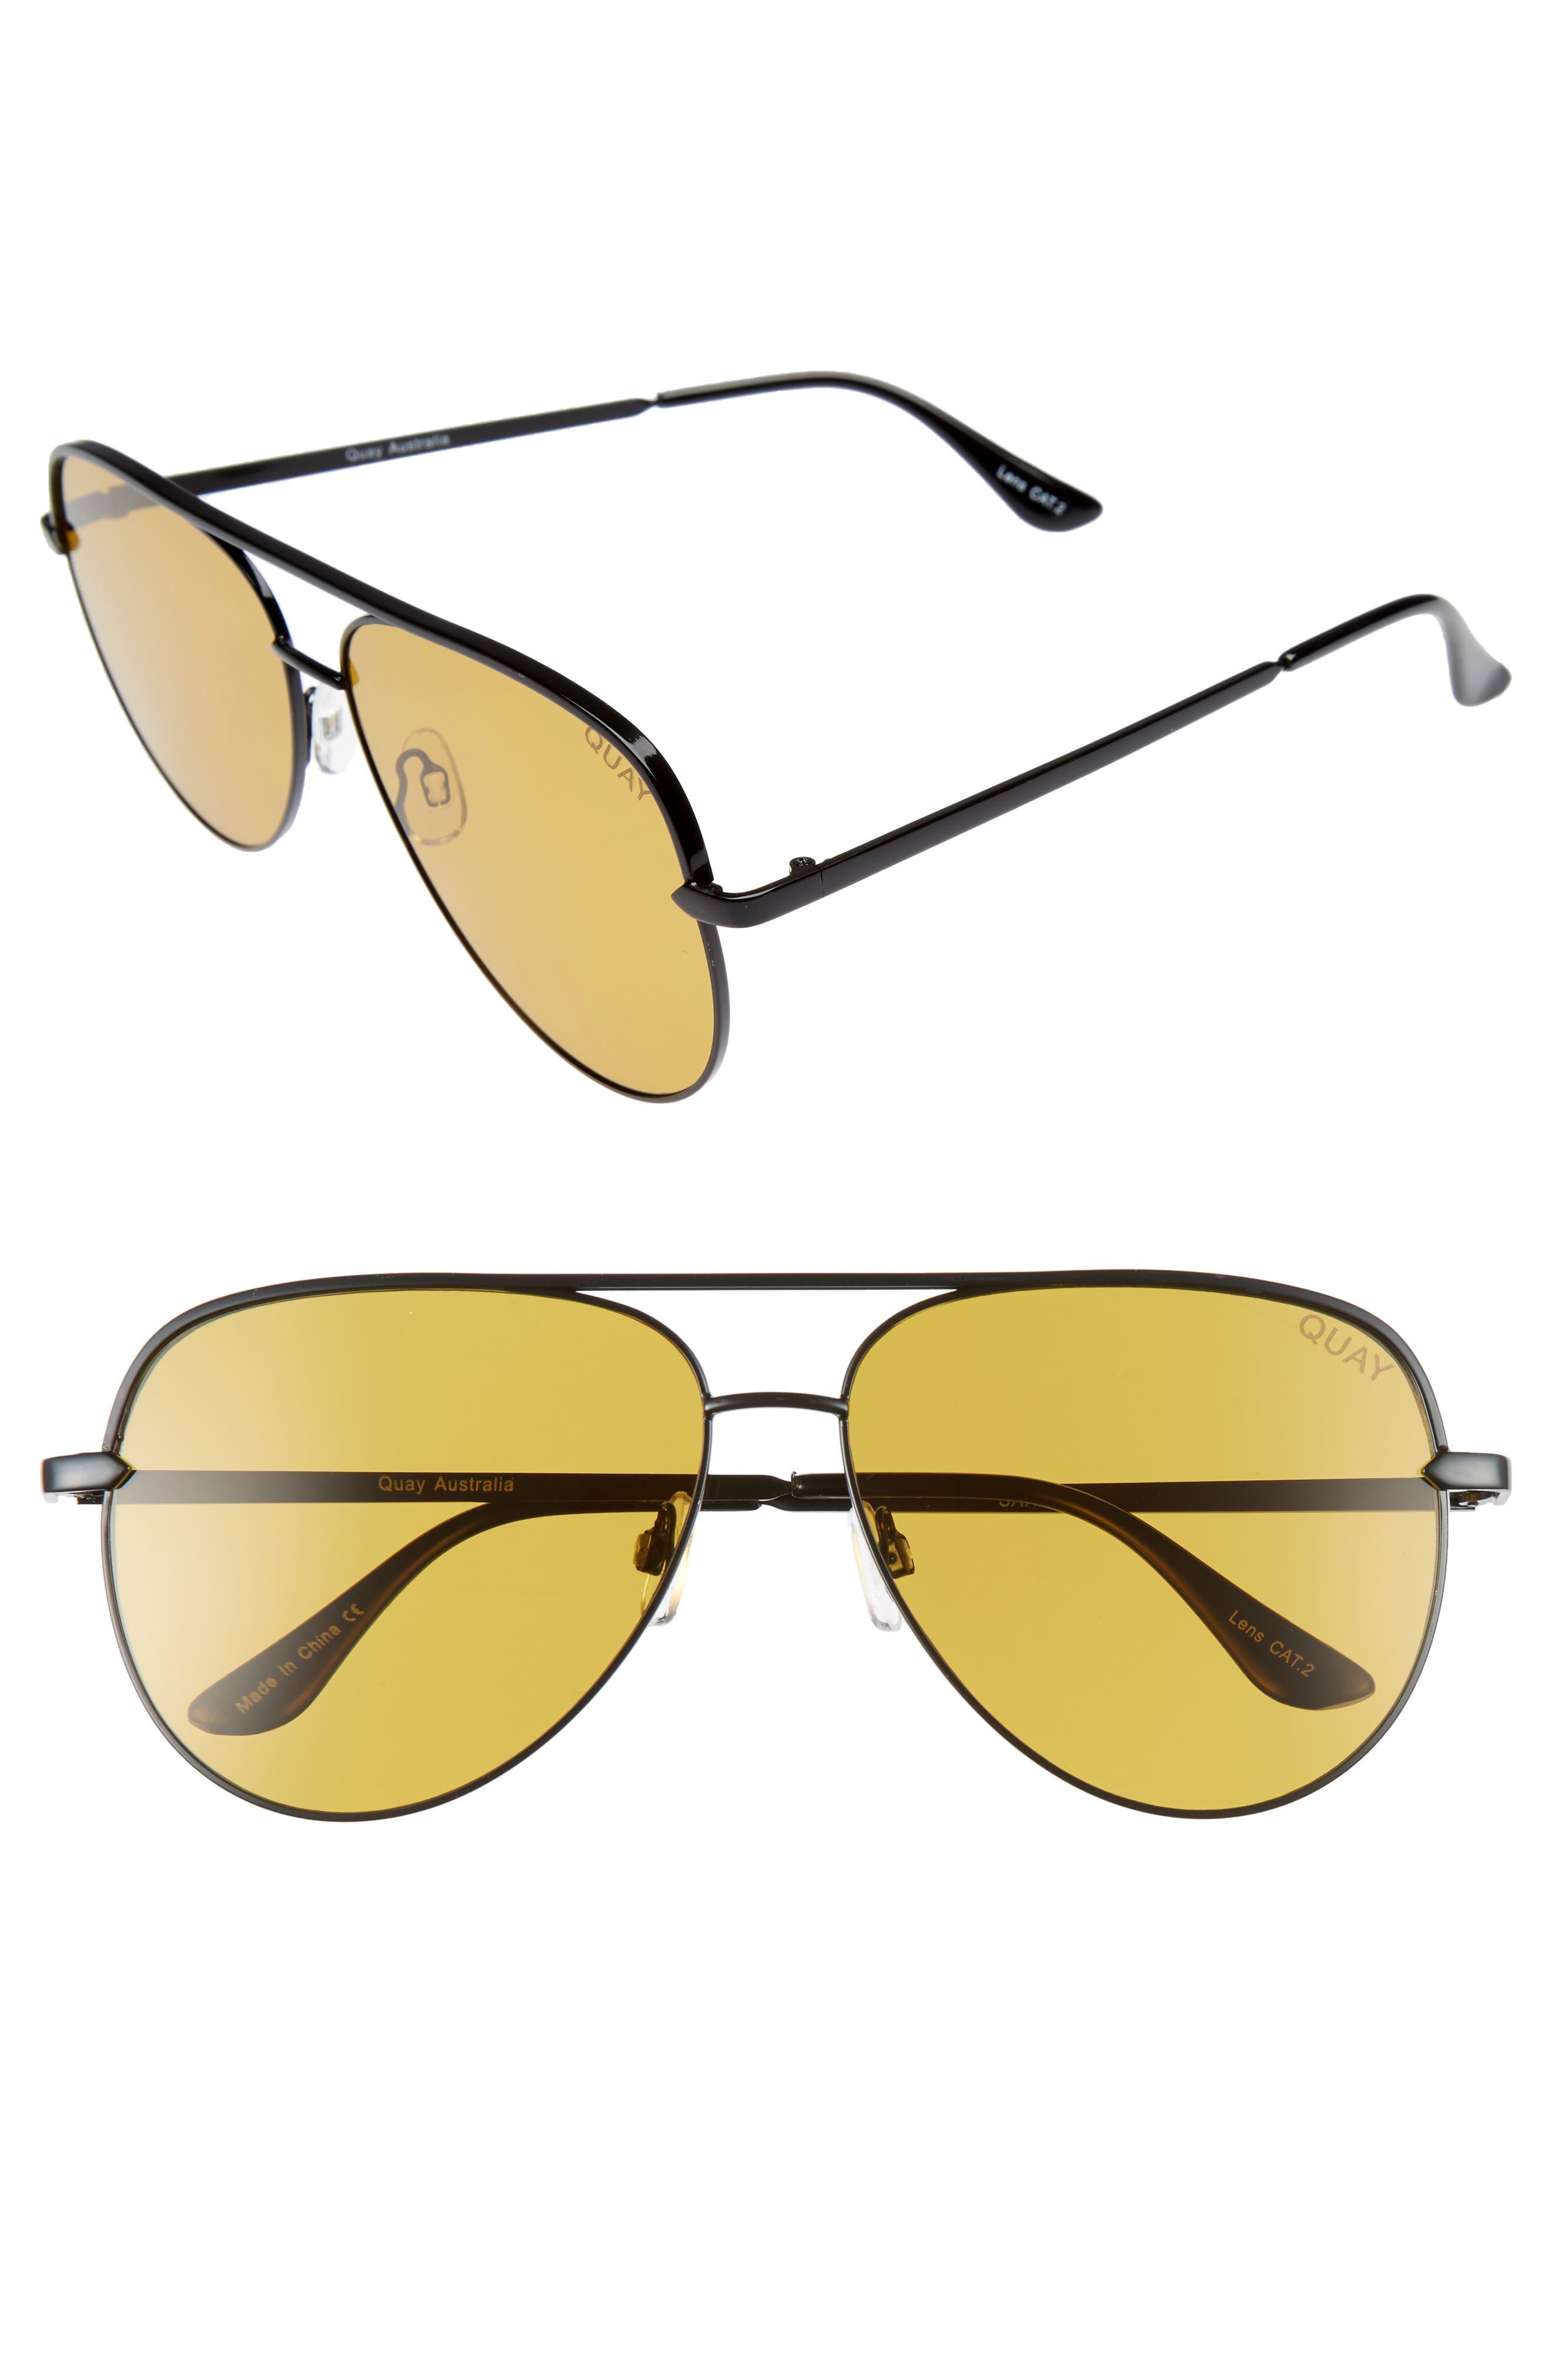 Quay Australia x Desi Perkins Sahara 60mm Aviator Sunglasses